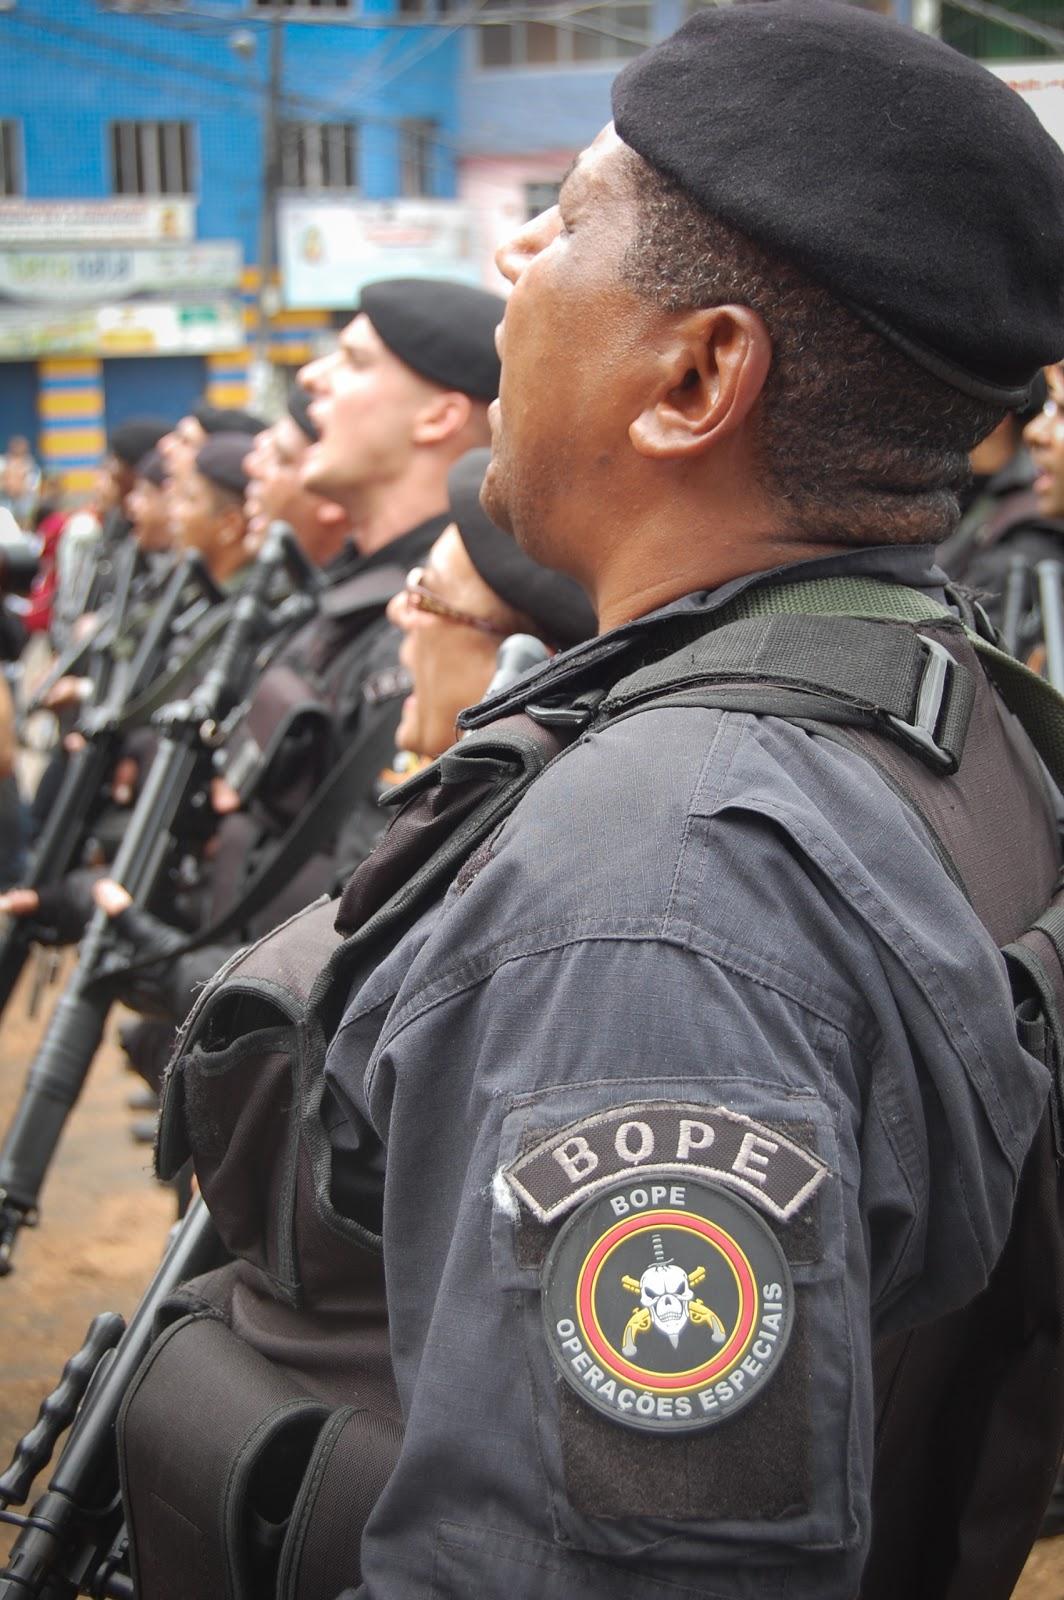 Ocupação da Rocinha e mais duas comunidades não ataca raiz do problema.